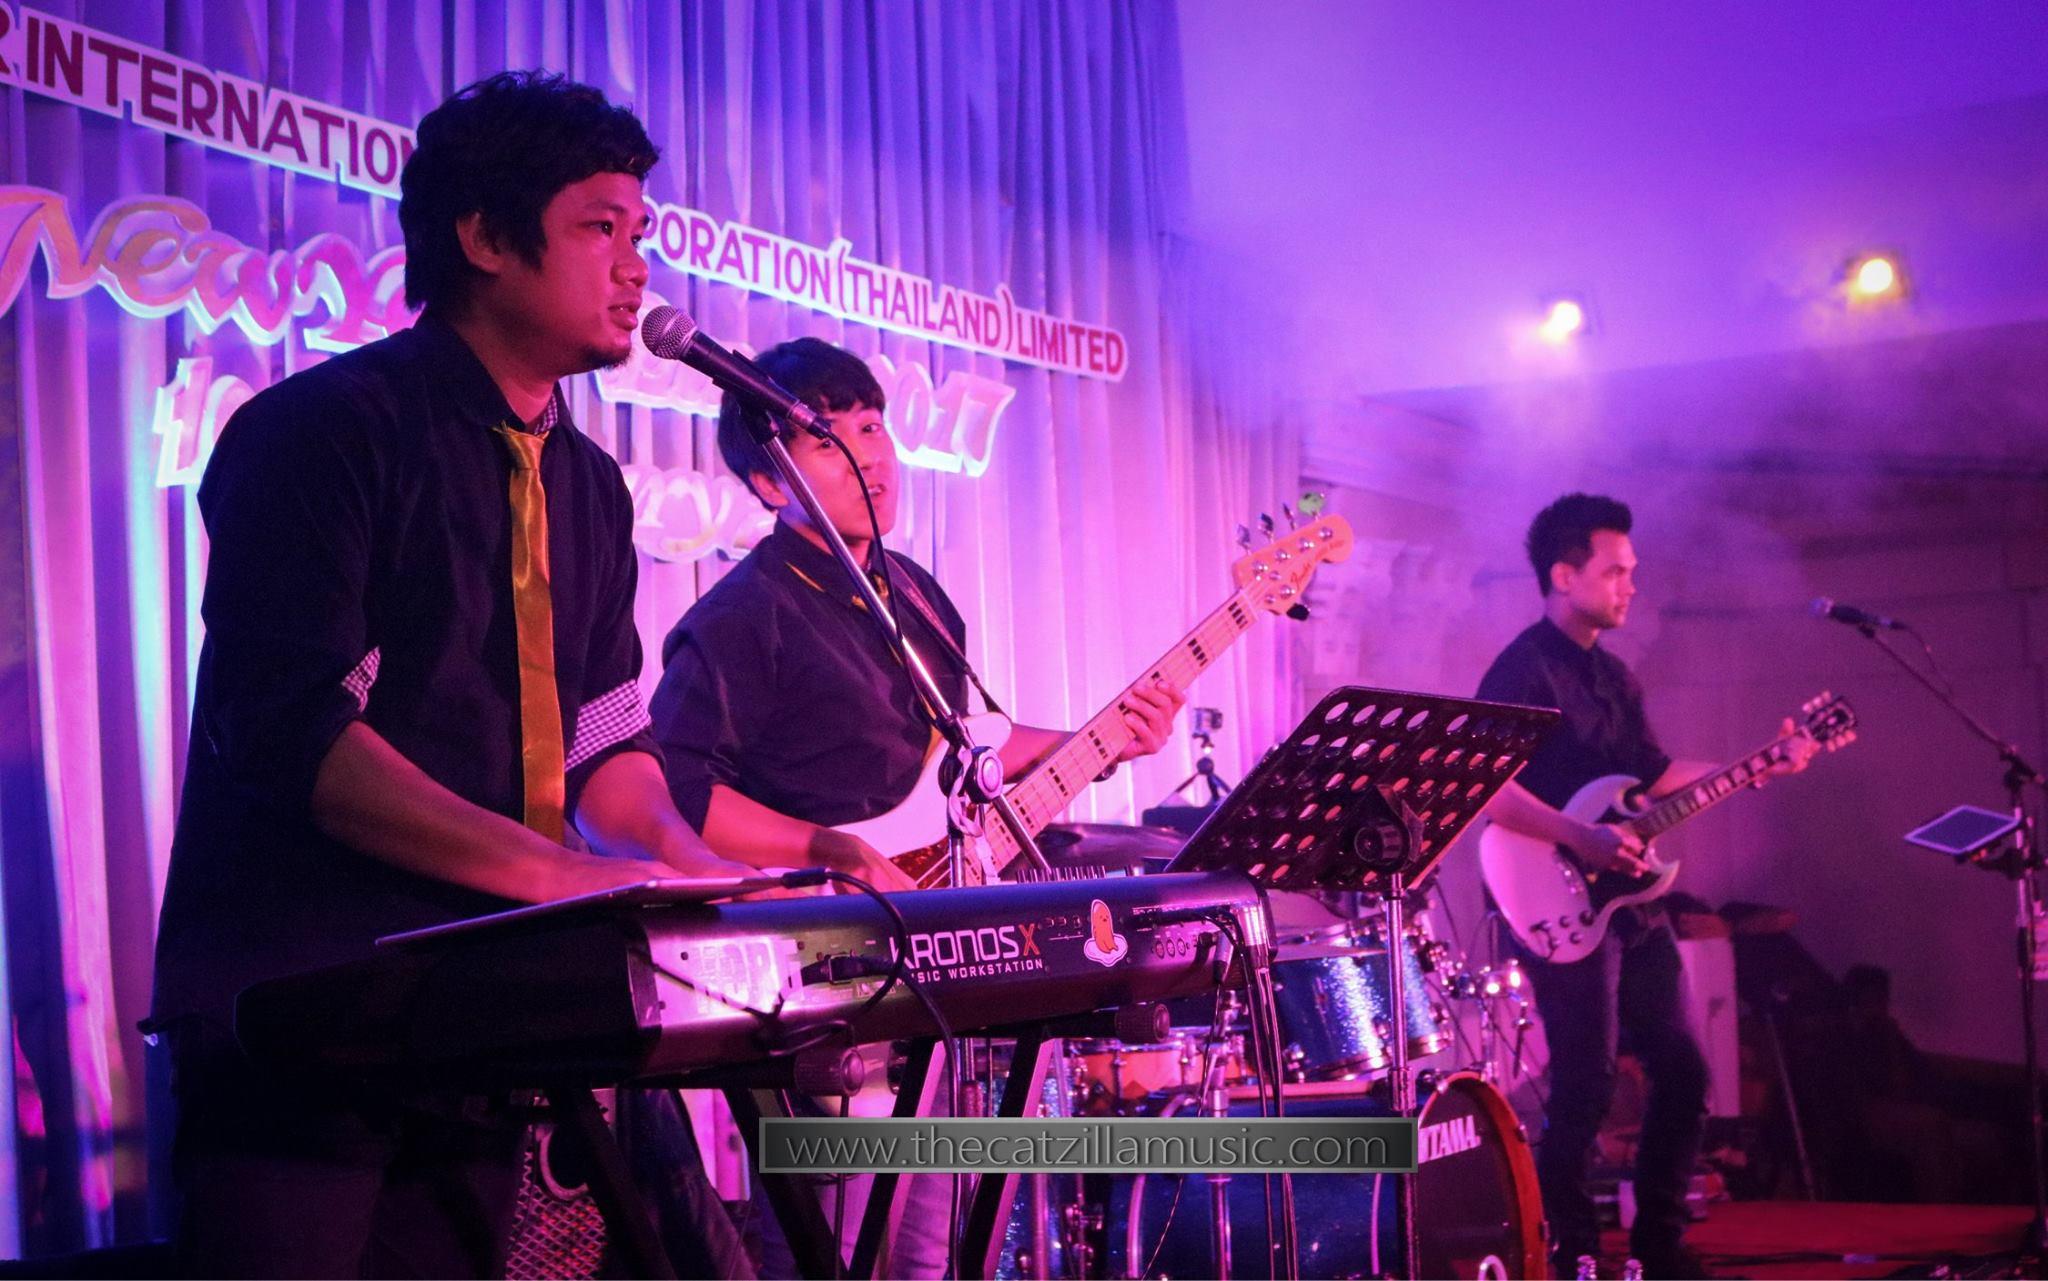 วงดนตรีงานเลี้ยง After Party งานแต่งงาน บุ๋นแบนด์ วงดนตรีสด After party wedding วงดนตรีงานแต่งงาน thecatzillamusic Avana 3